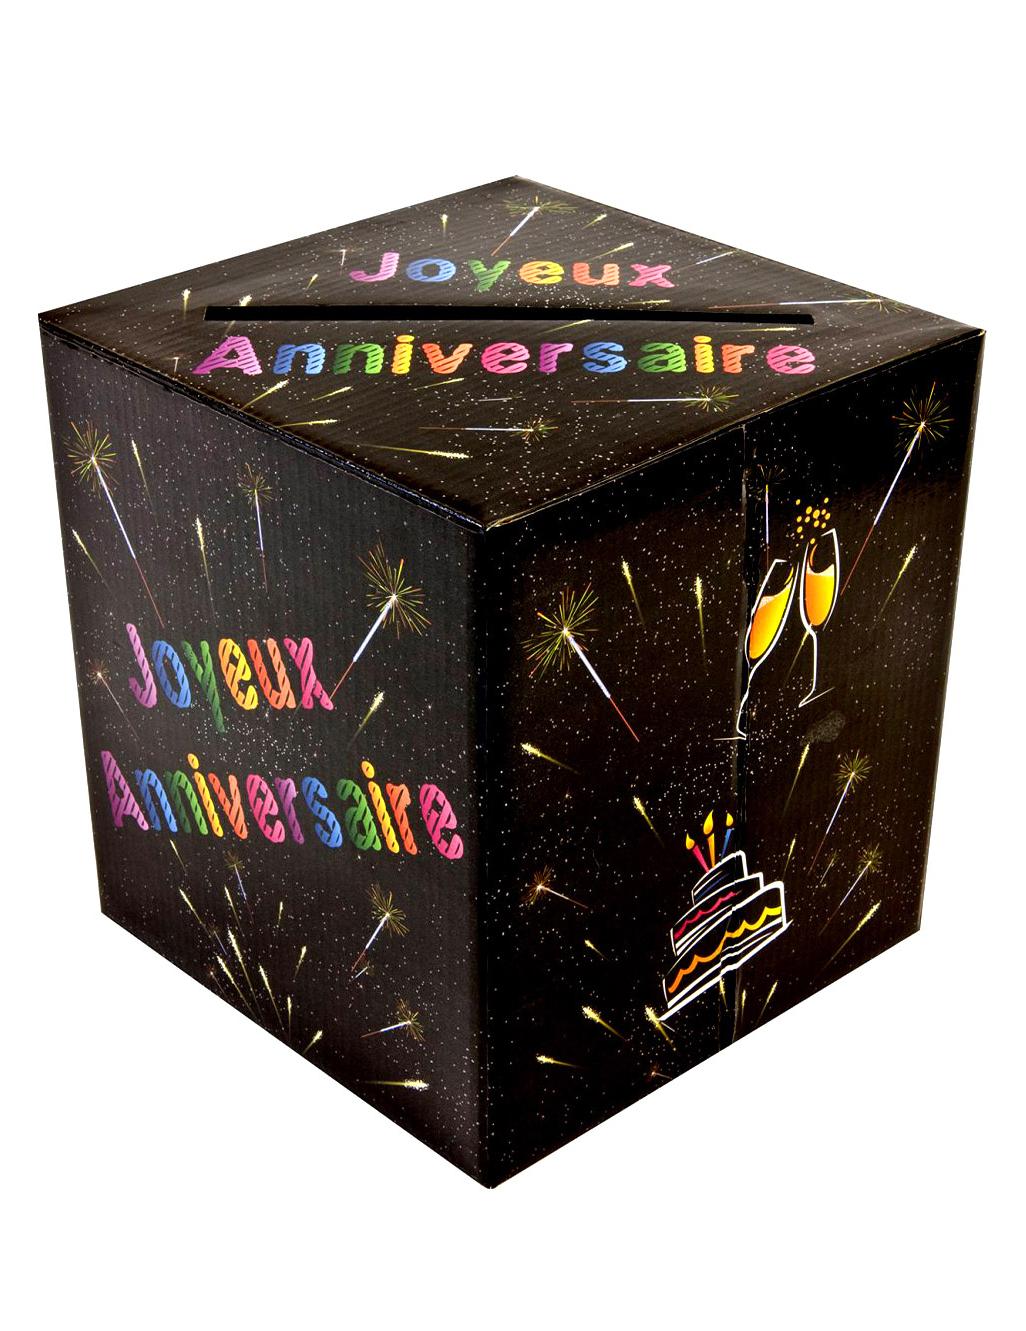 Tirelire urne joyeux anniversaire chic d coration - Decorer boite carton pour anniversaire ...